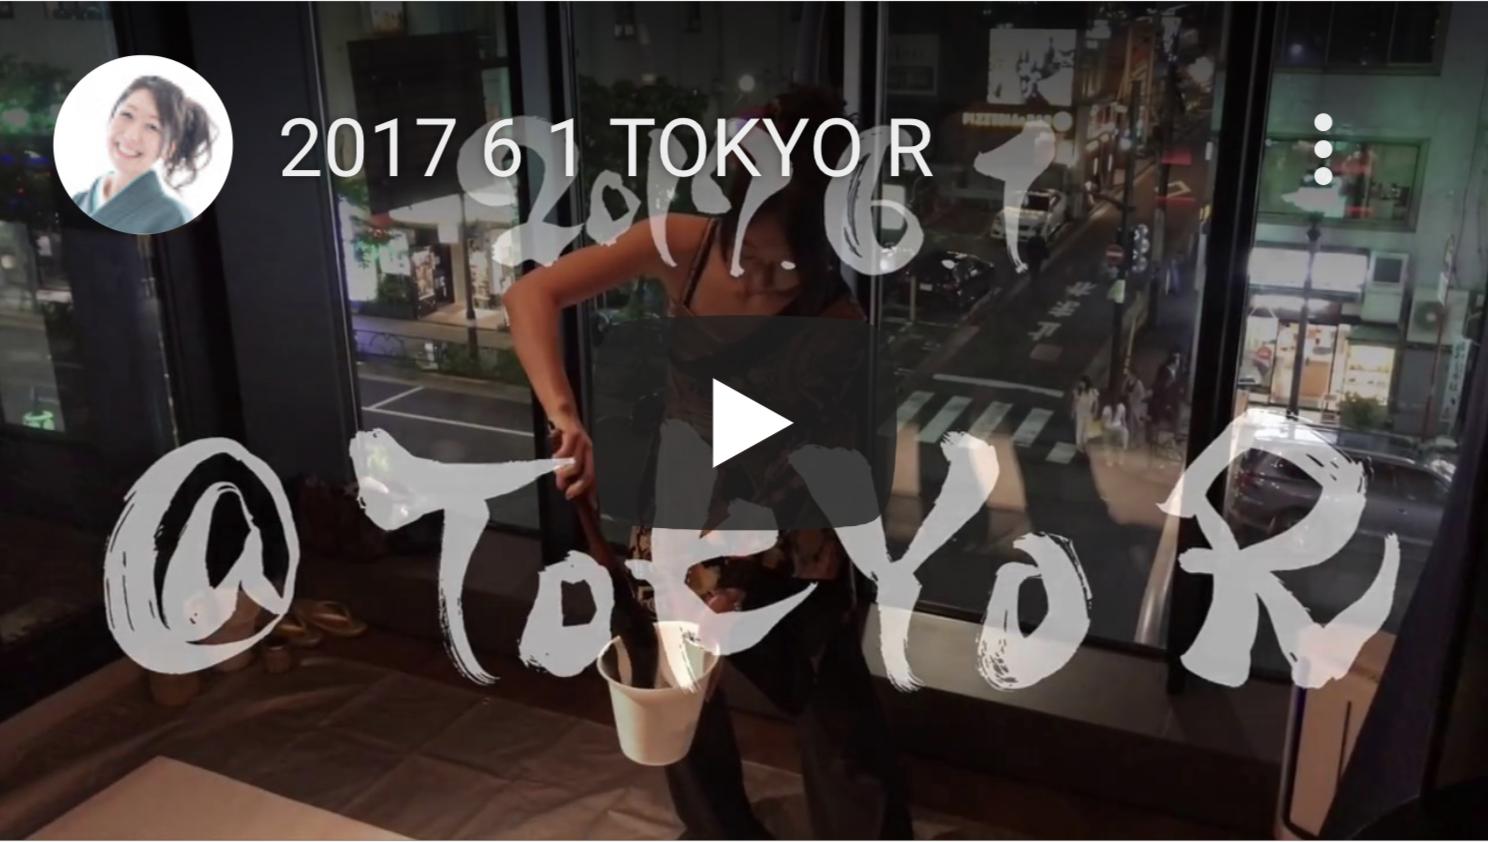 【動画】TOKYO R 書道パフォーマンス